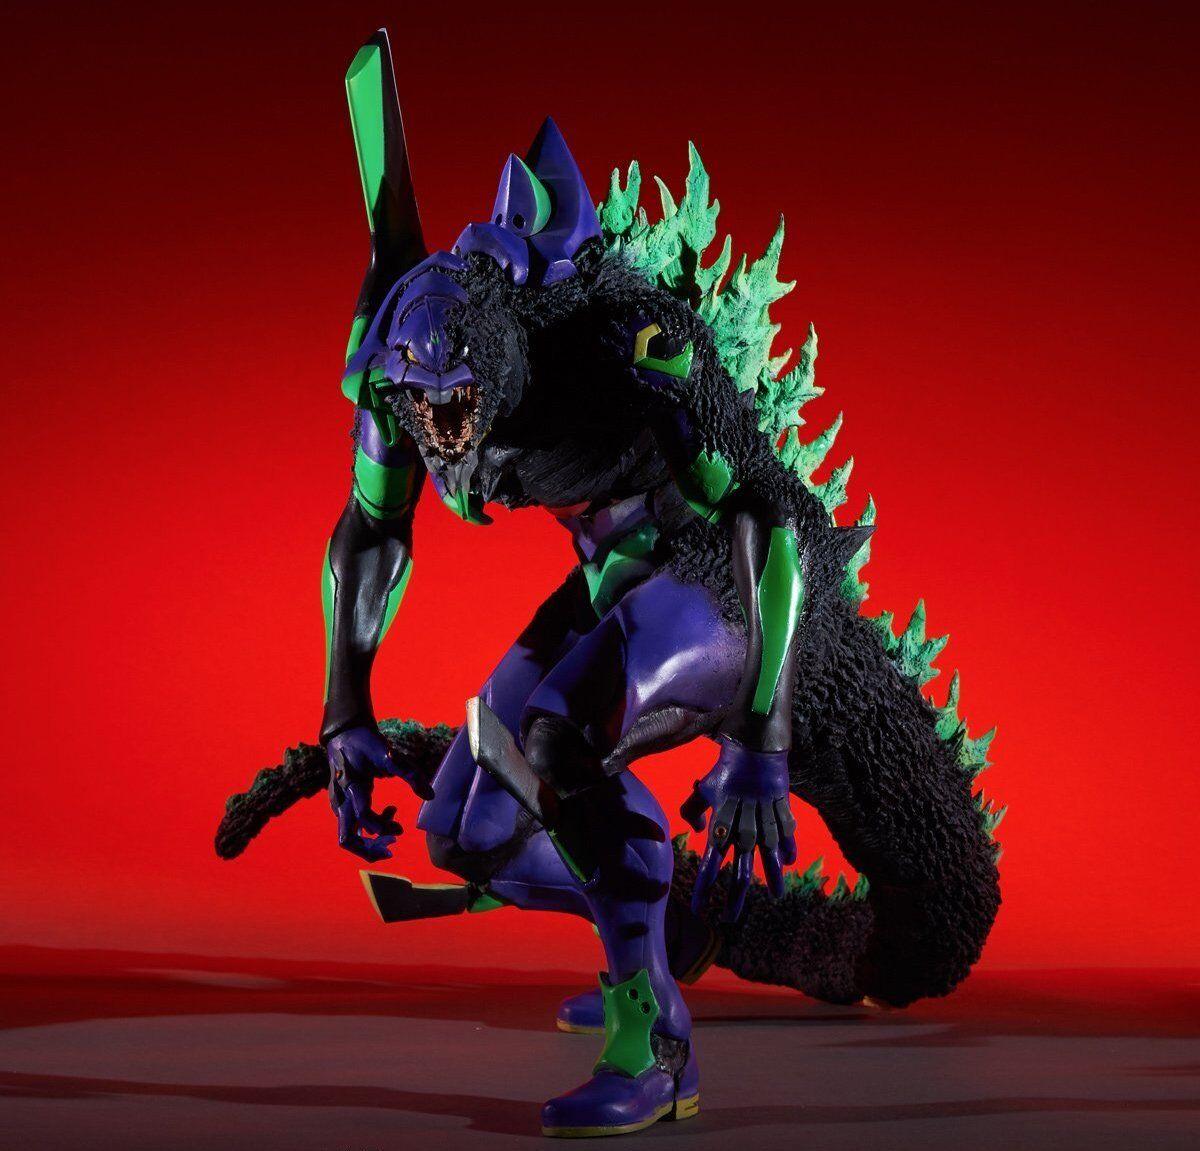 Godzilla vs Evangelion X-Plus Toho 30cm Evangelion First Unit G Awakening Form